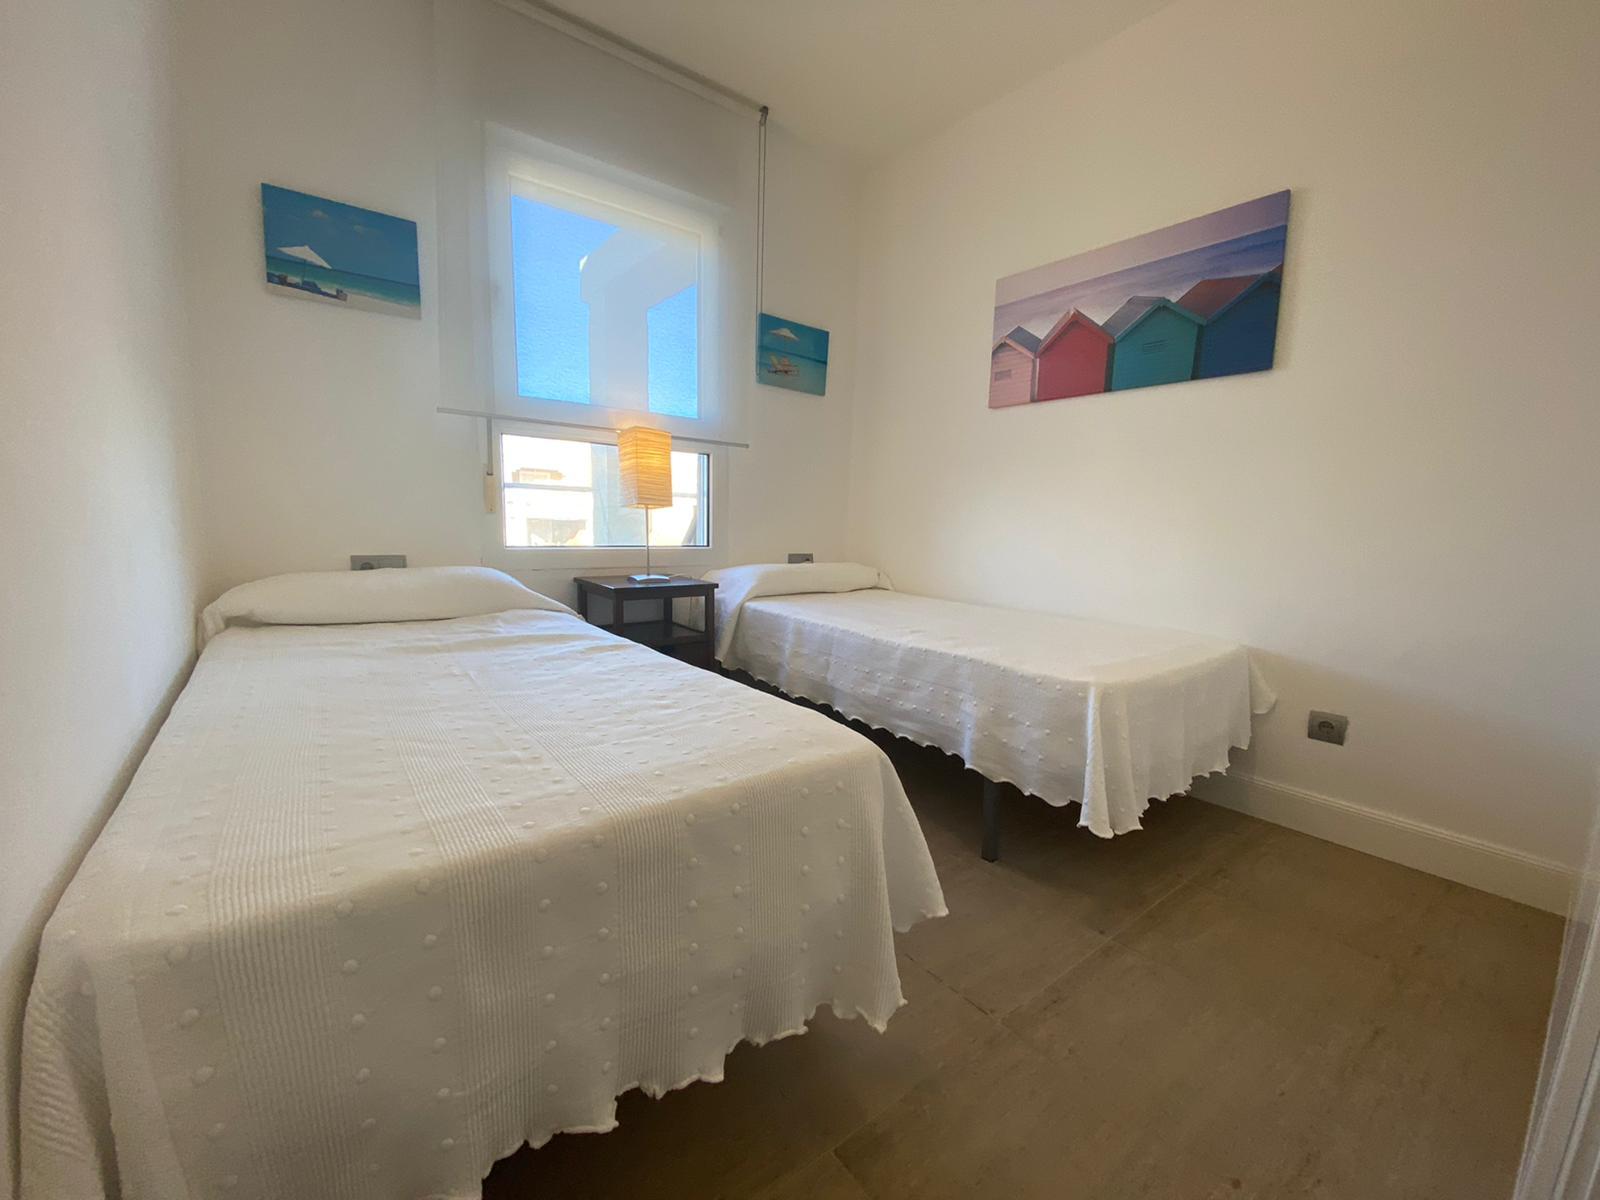 Imagen 41 del Apartamento Turístico, Ático 6 Levante (3d+2b), Punta del Moral (HUELVA), Paseo de la Cruz nº22